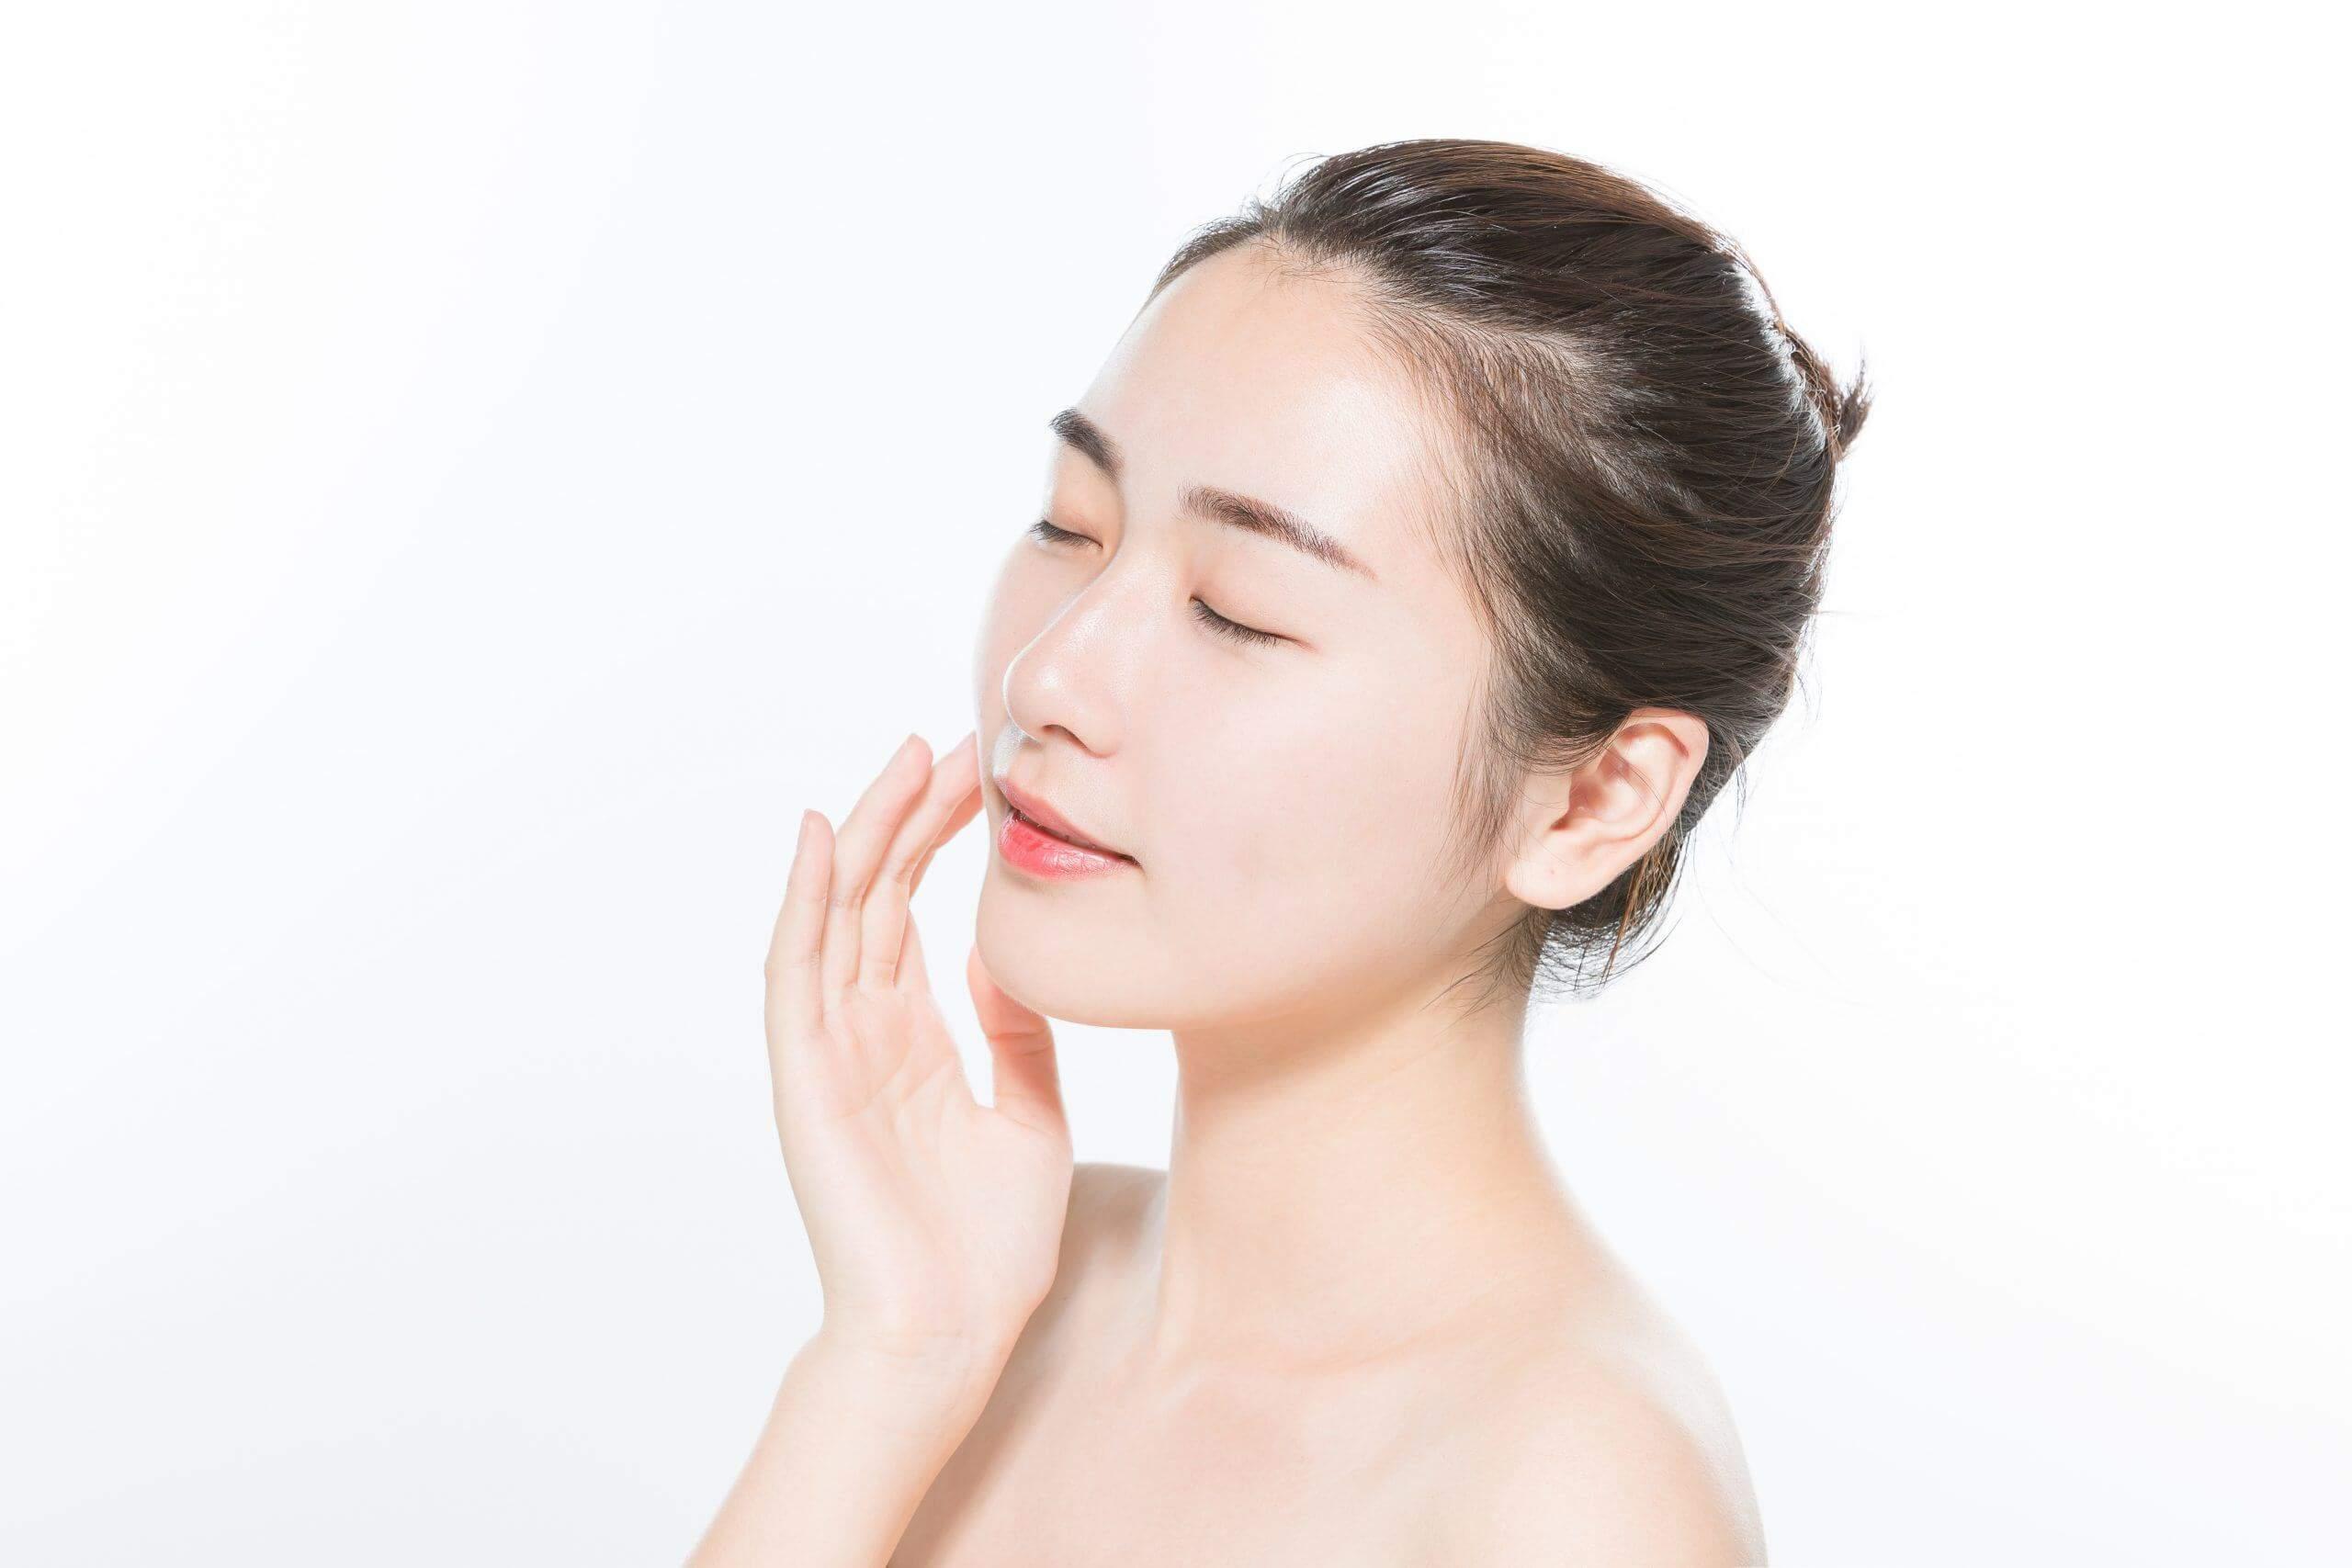 Bí quyết dưỡng da trắng xinh không cần Toner của phụ nữ Nhật 6